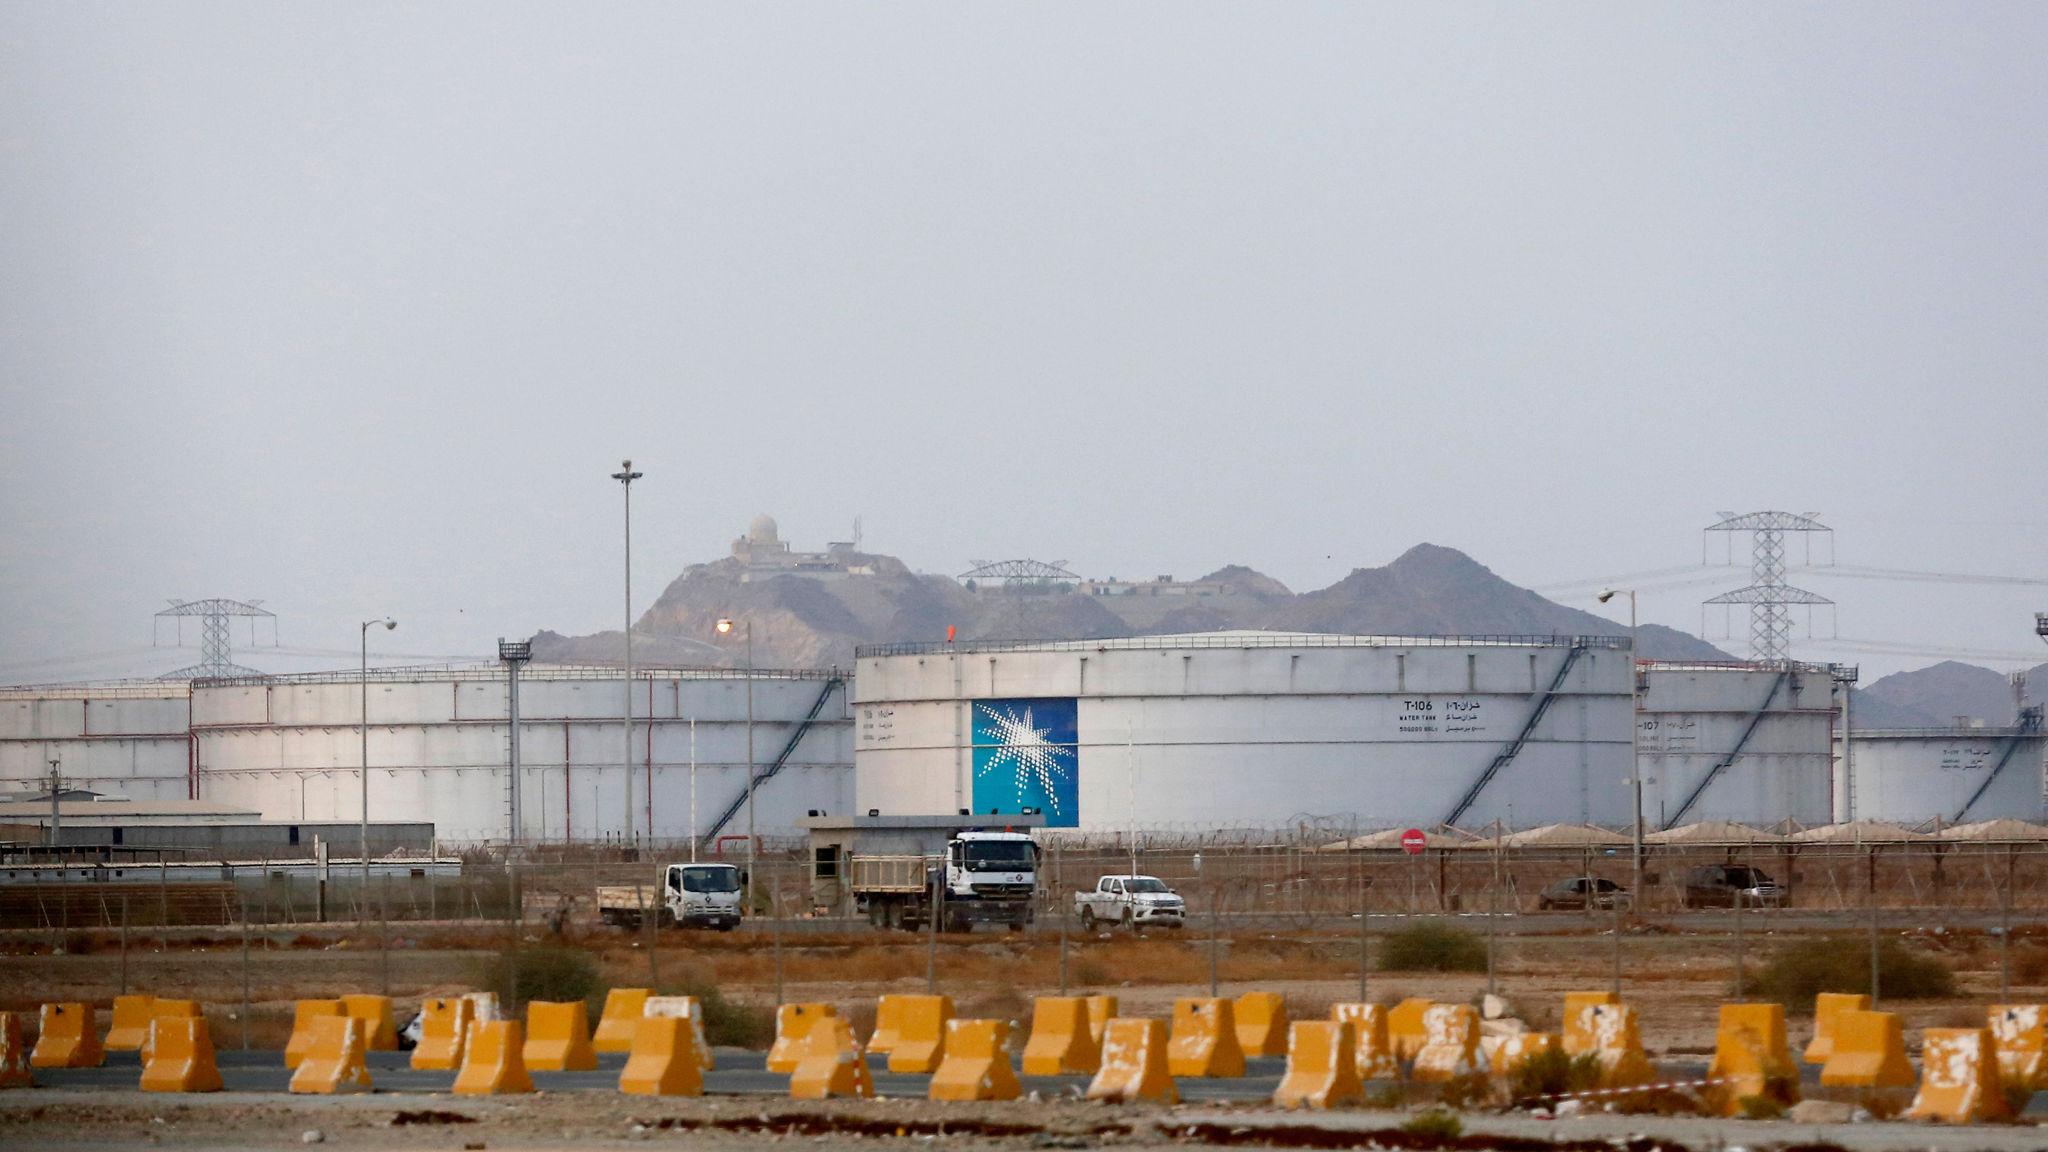 Giá dầu 'lại' giảm trước tình hình bạo loạn ở Mỹ, bất chấp các tiến triển về cuộc họp OPEC+ - Ảnh 1.